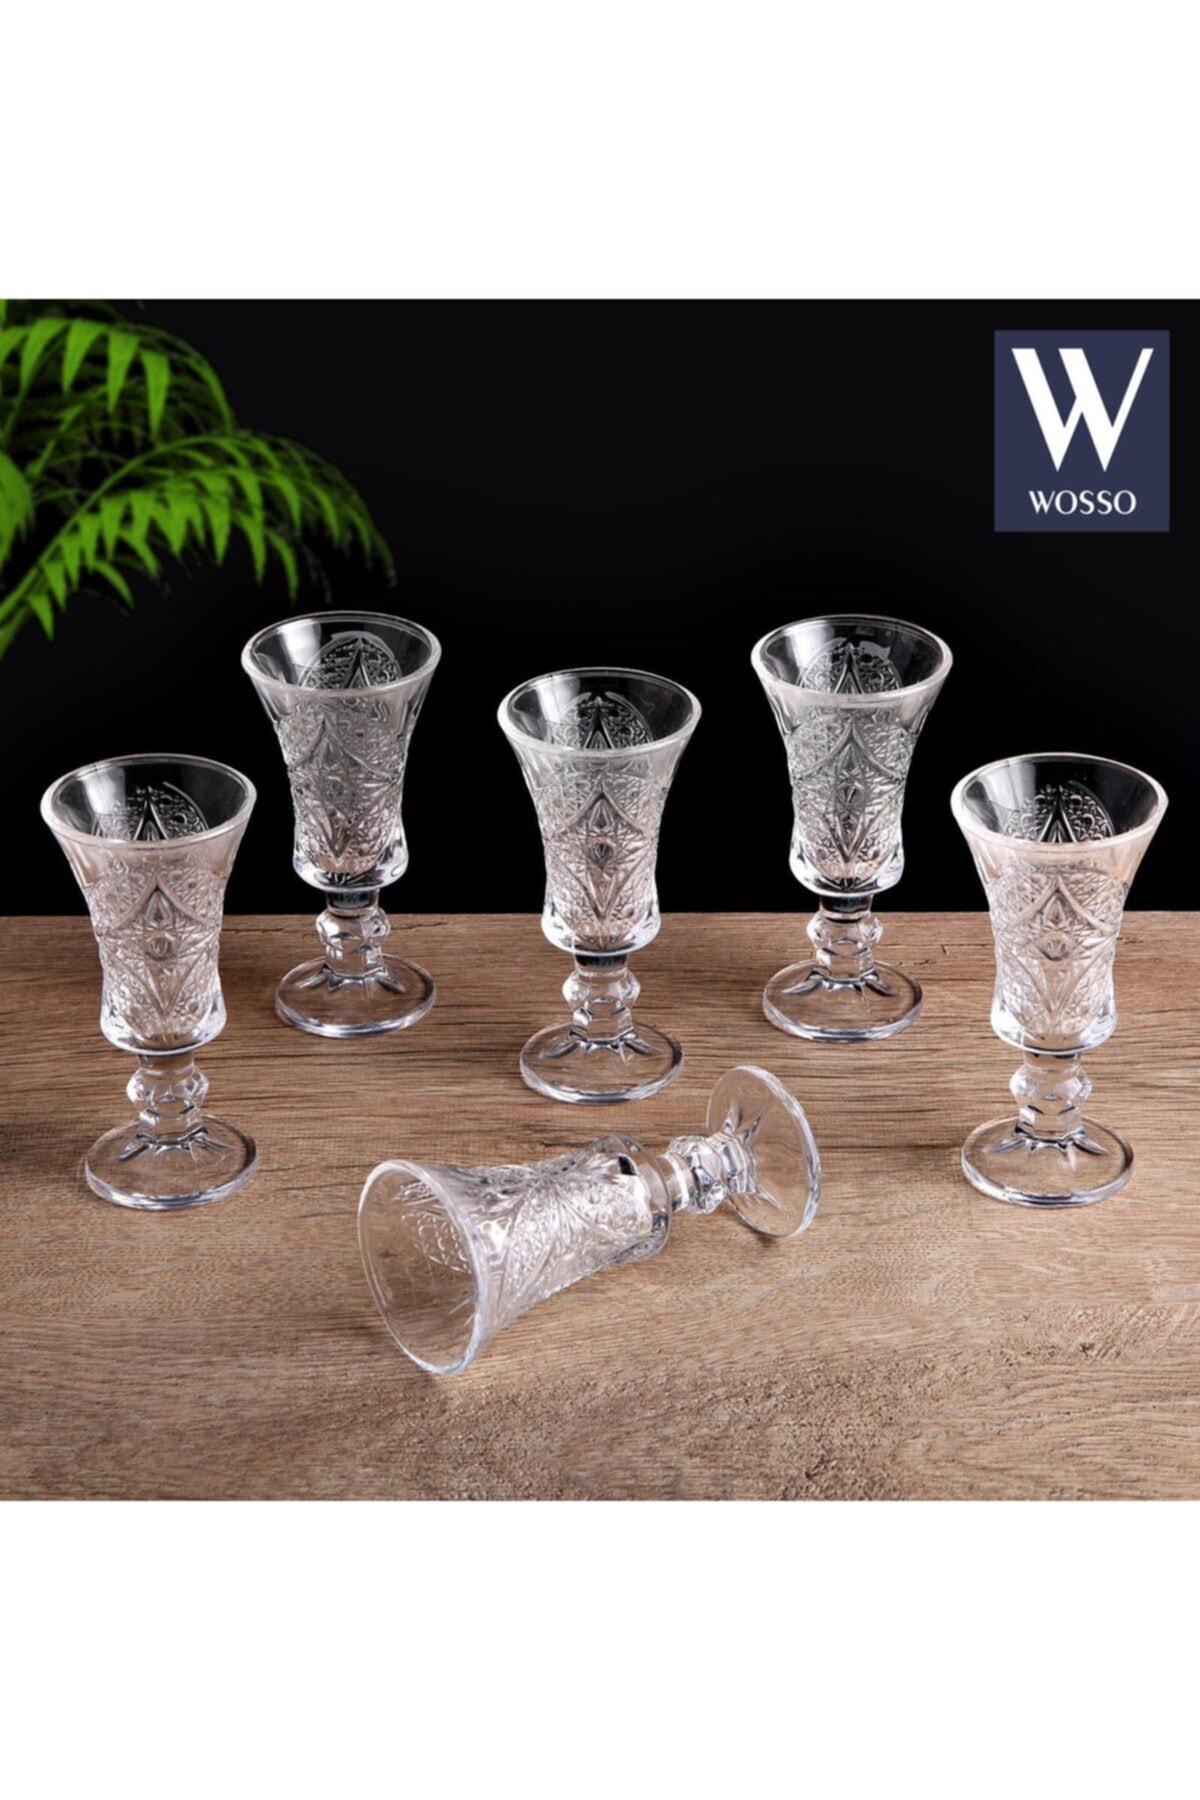 WOSSO 6'lı Kristal Camlı Kadeh Bardak Takımı (Kahve Yanı Su Bardağı) 1